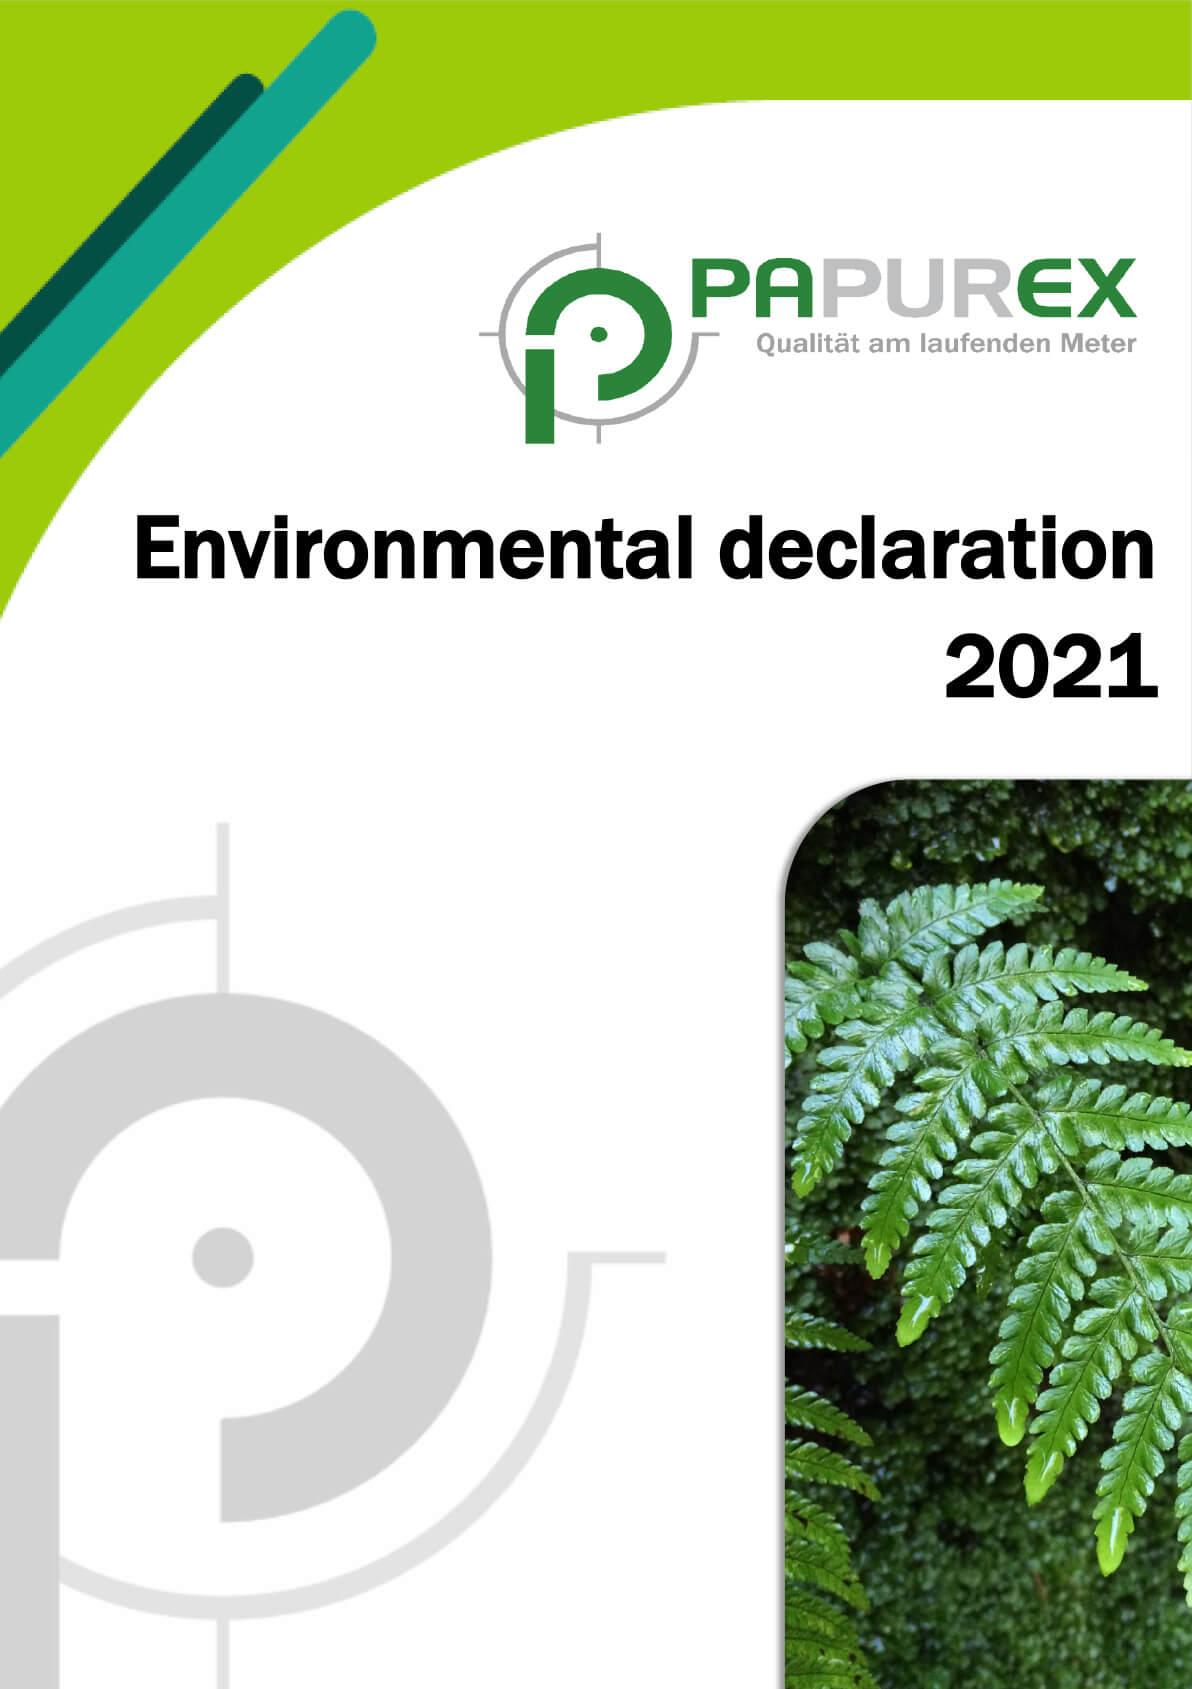 PAPUREX environmental statement 2021